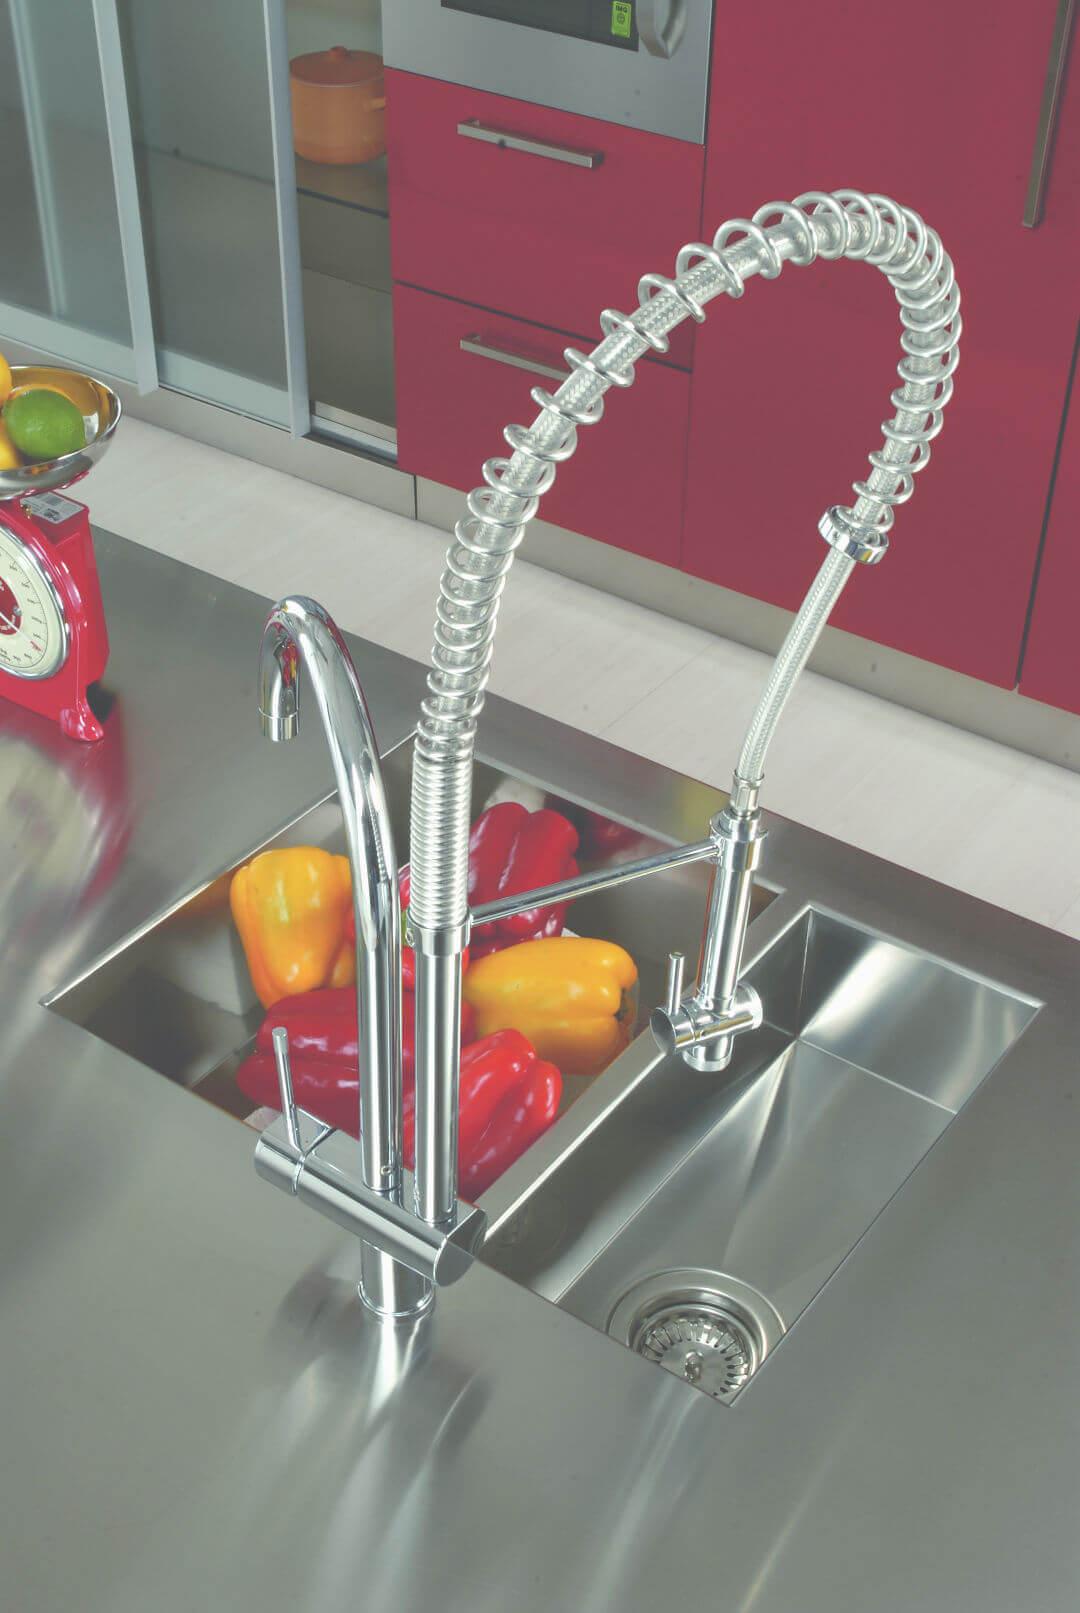 Arca Cucine Italia - Cucina Domestica in Acciaio Inox e Vetro - Opera - Miscelatore Semiprofessionale Doccione